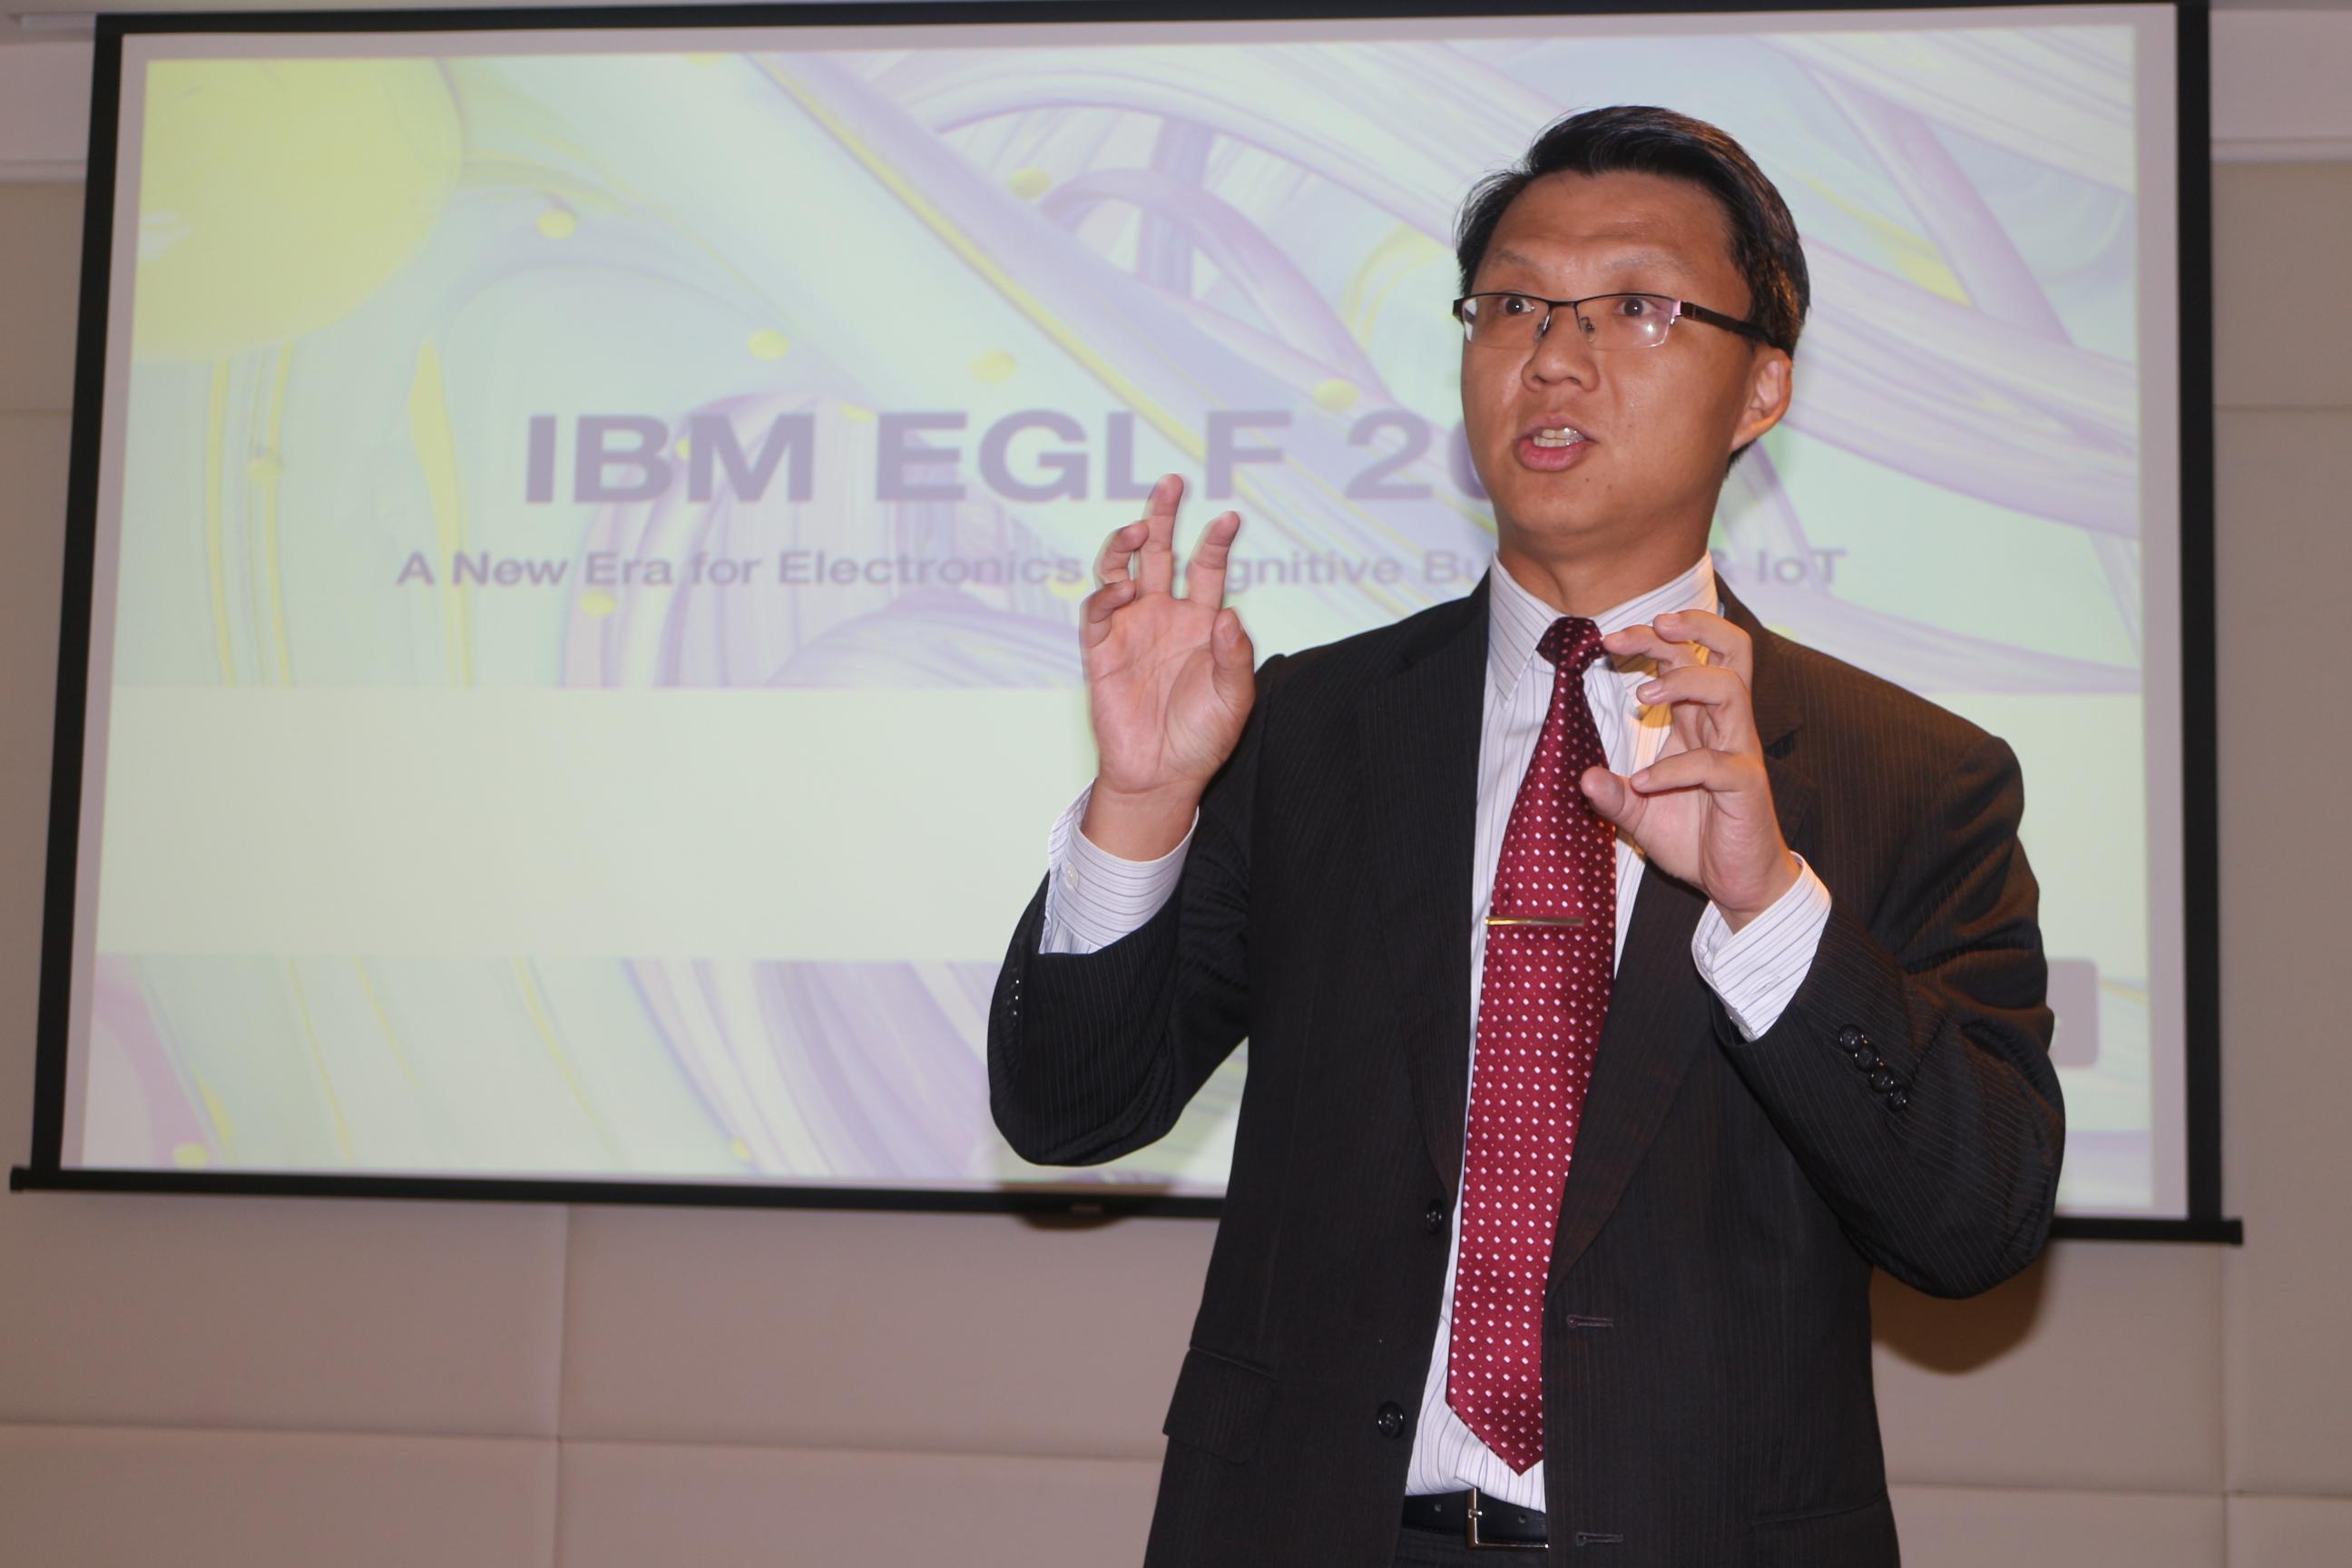 台灣 IBM 全球企業諮詢服務事業群總經理賈景光